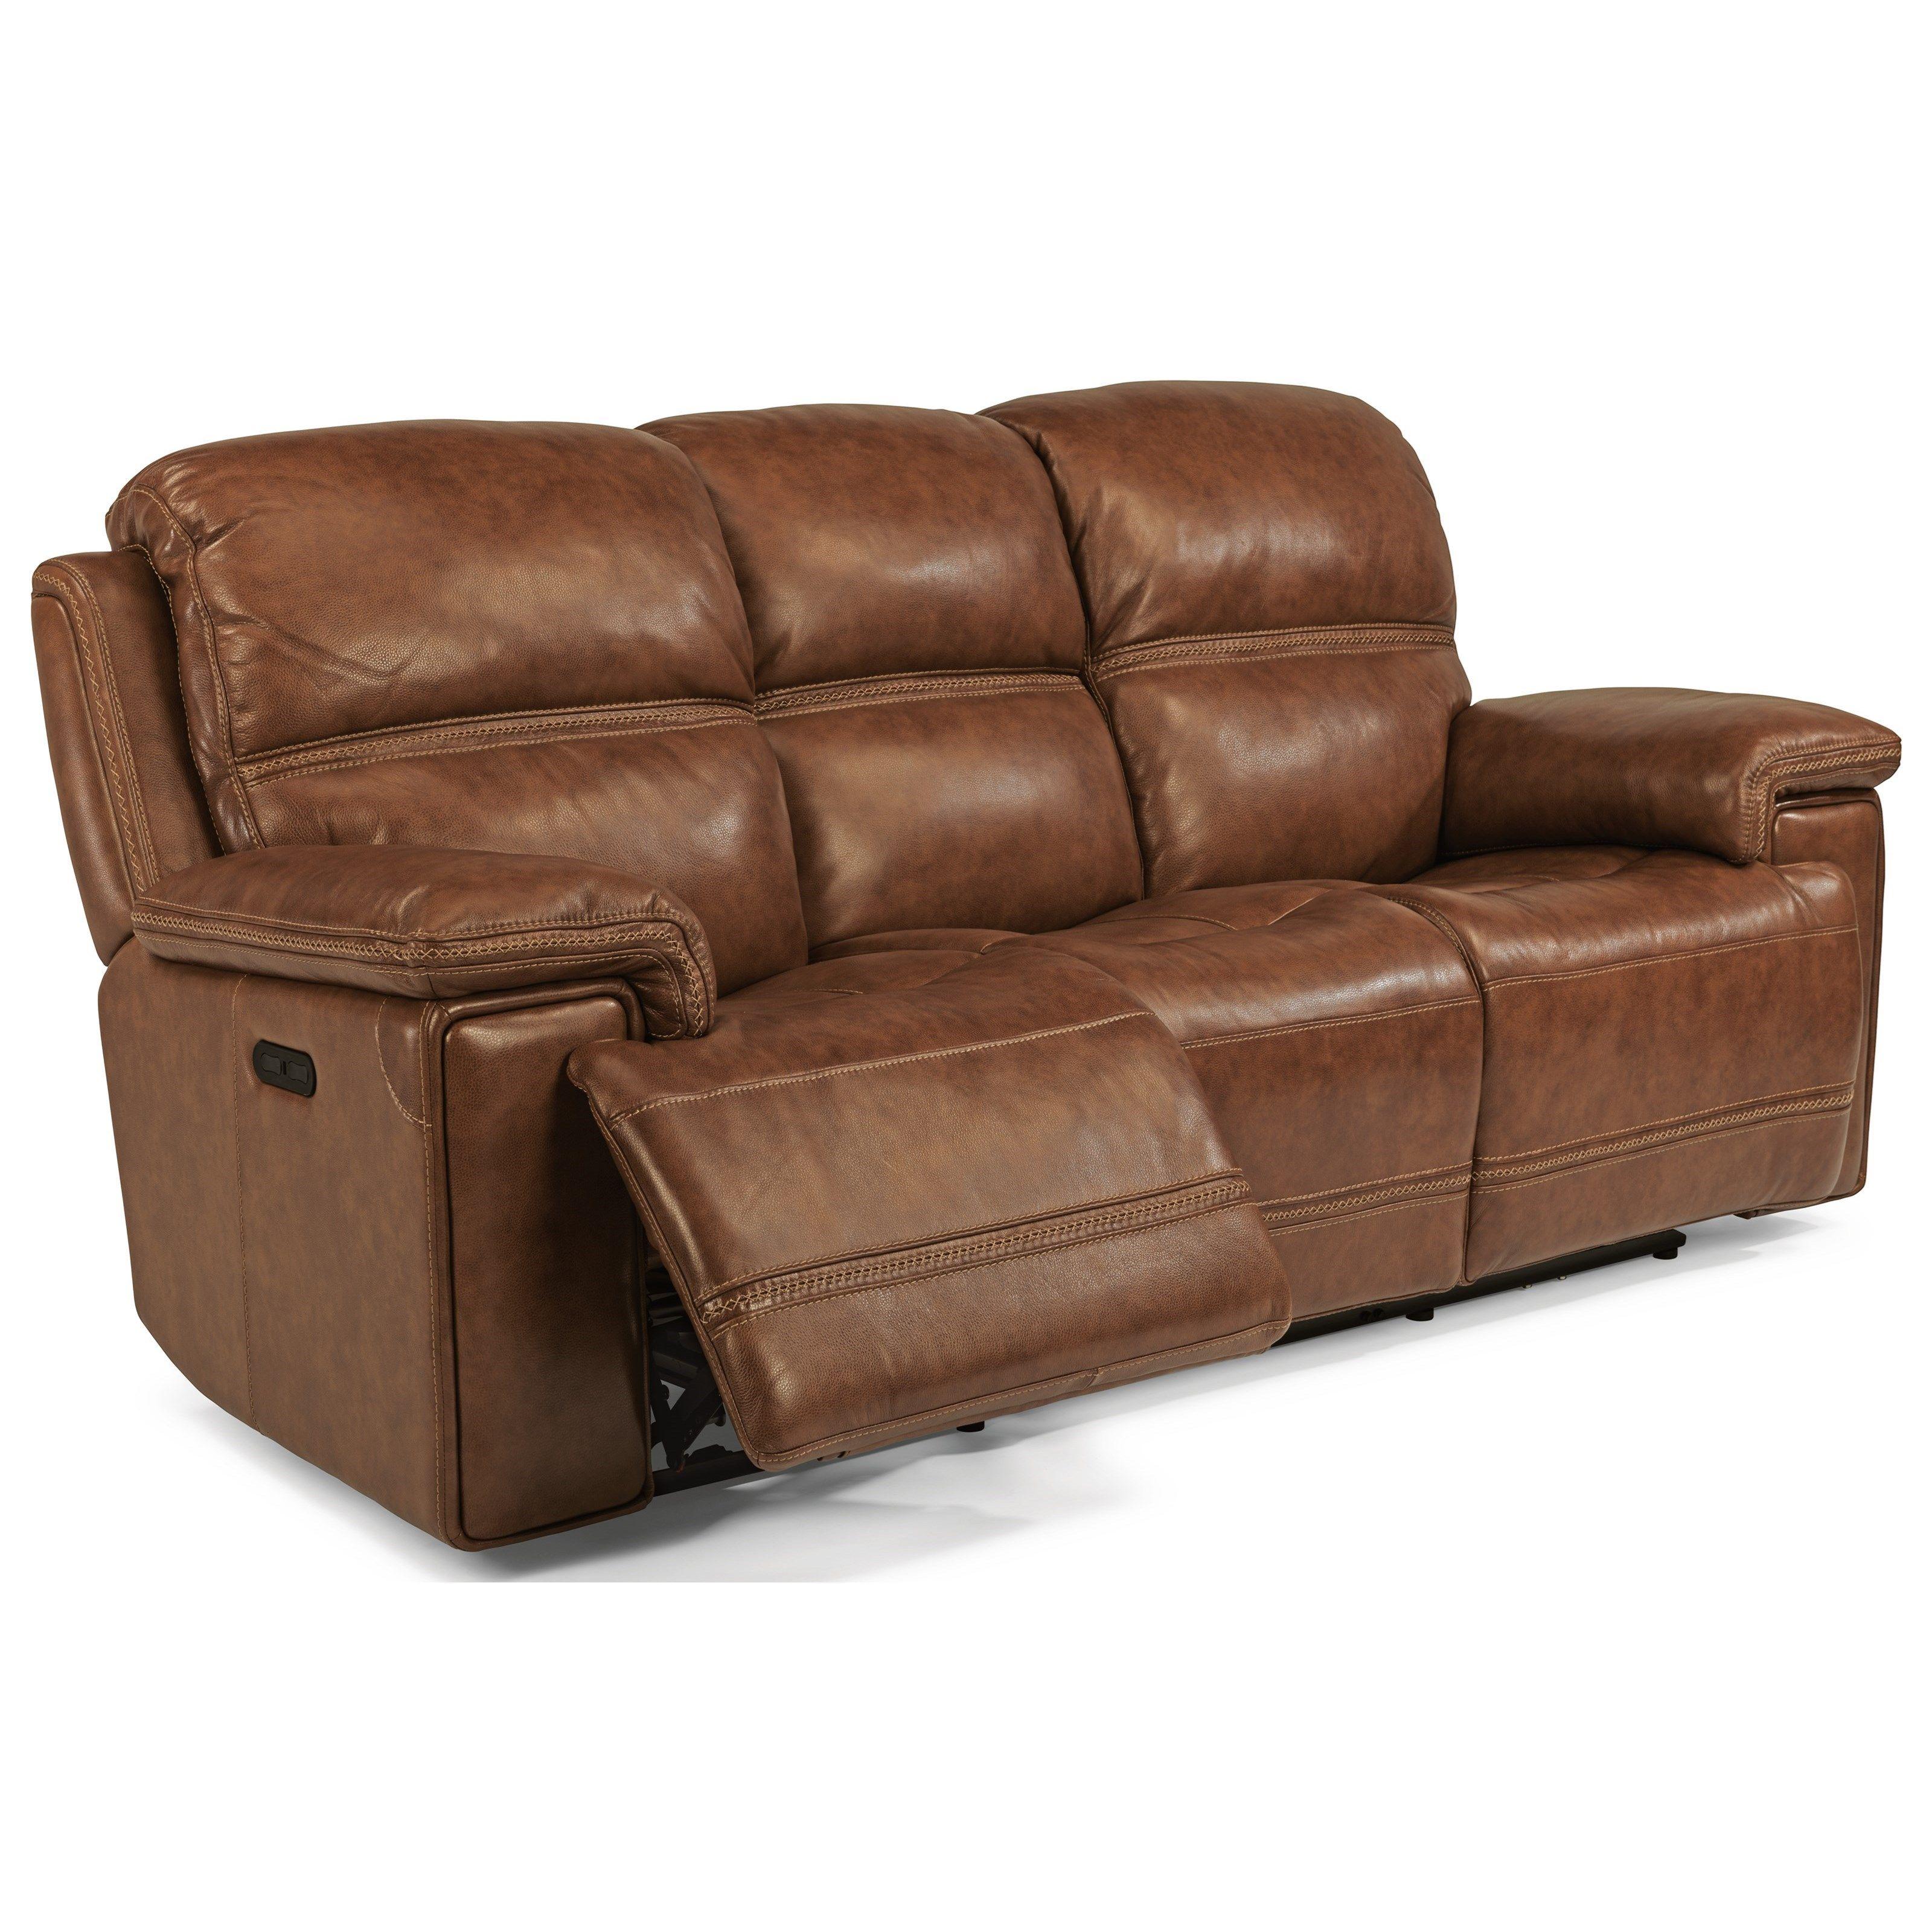 Power Rcl Sofa W Pwr Headrest In 2020 Power Reclining Sofa Reclining Sofa Leather Reclining Sofa